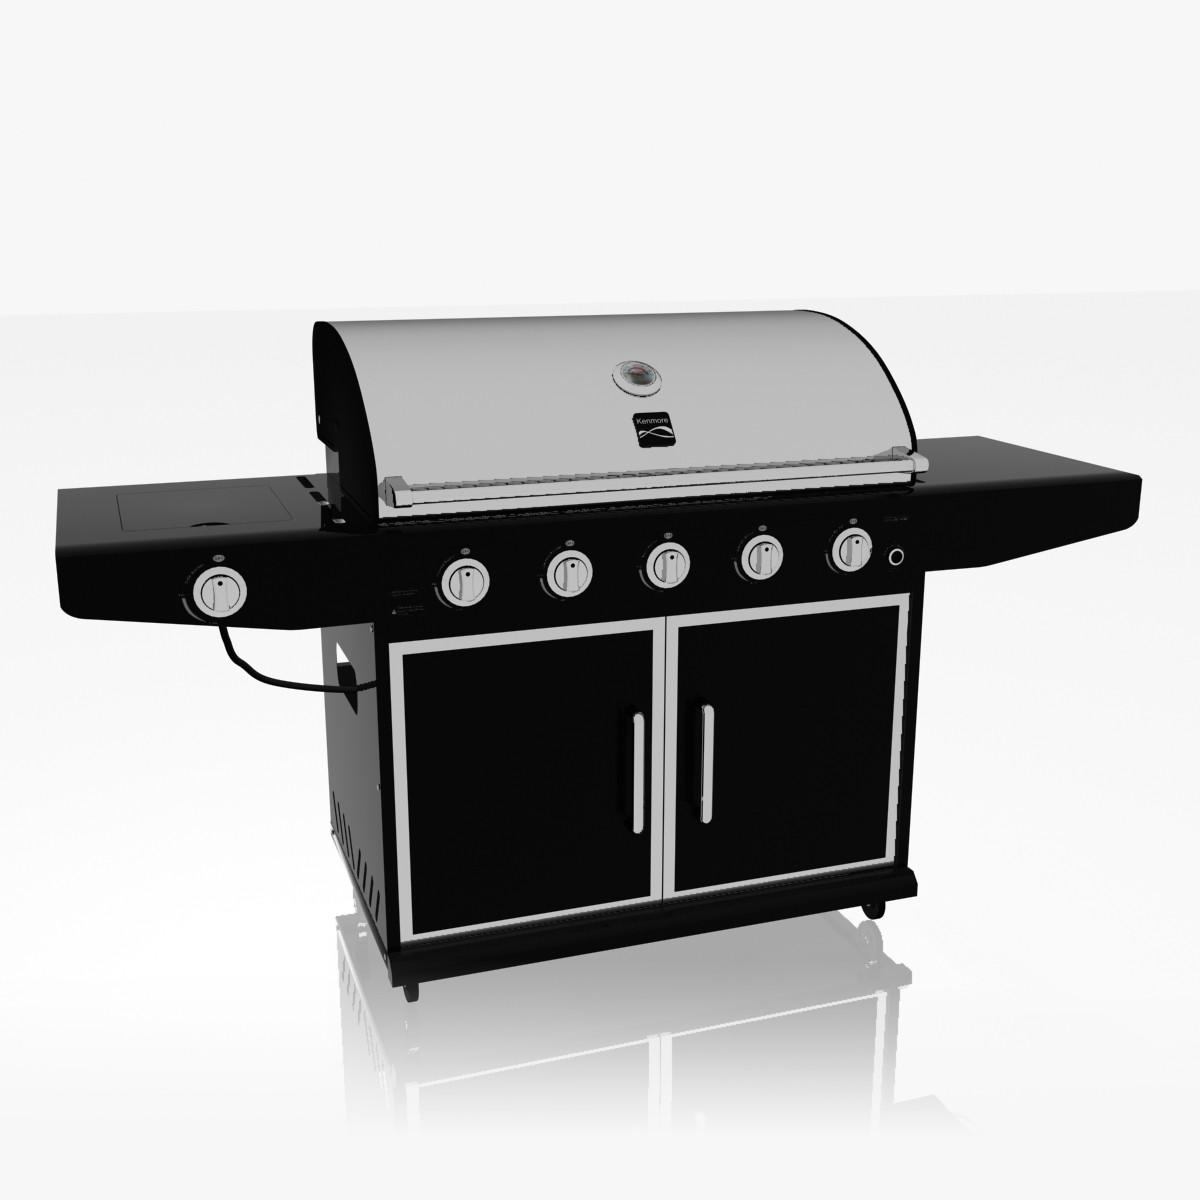 Barbecue_Model2_Camera01_SI_0f.jpg